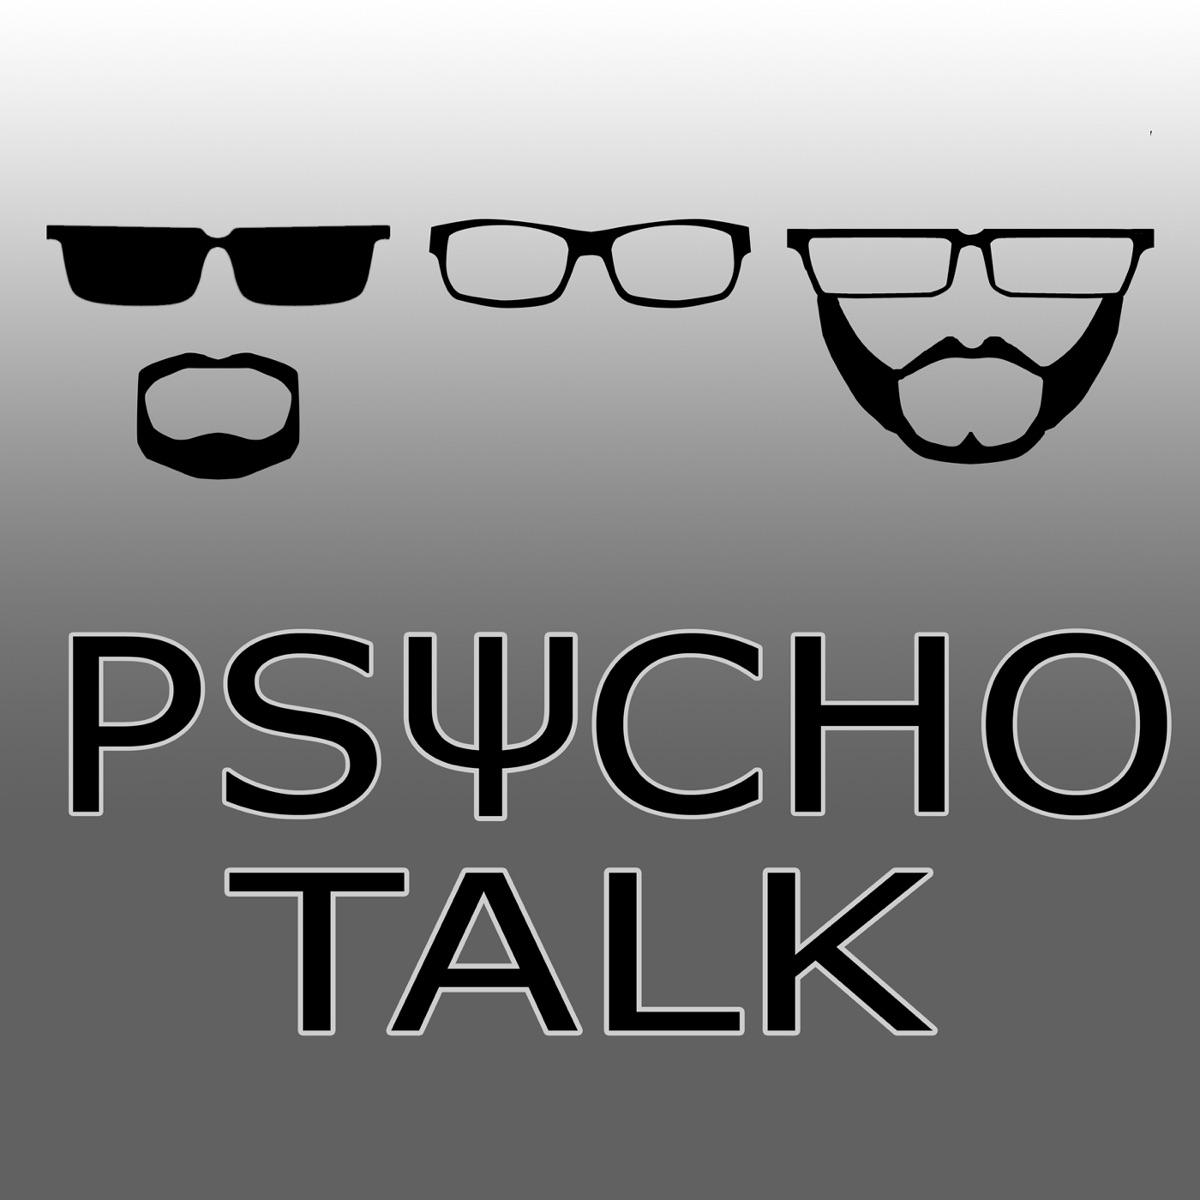 Psychotalk